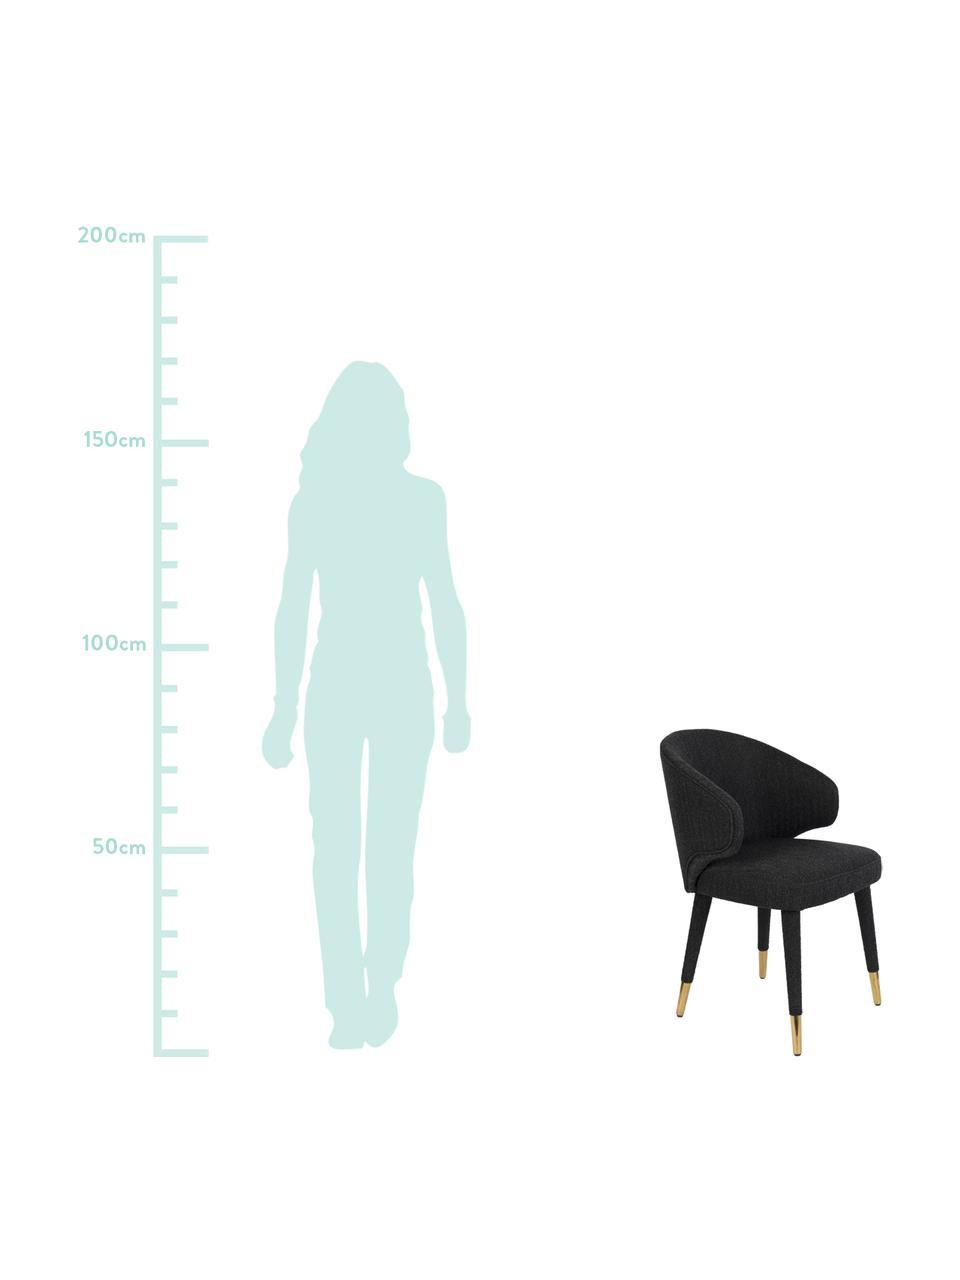 Krzesło tapicerowane Lunar, Tapicerka: 100% aksamit poliestrowy , Stelaż: drewno warstwowe, drewno , Nogi: metal malowany proszkowo, Czarny, S 52 x G 59 cm